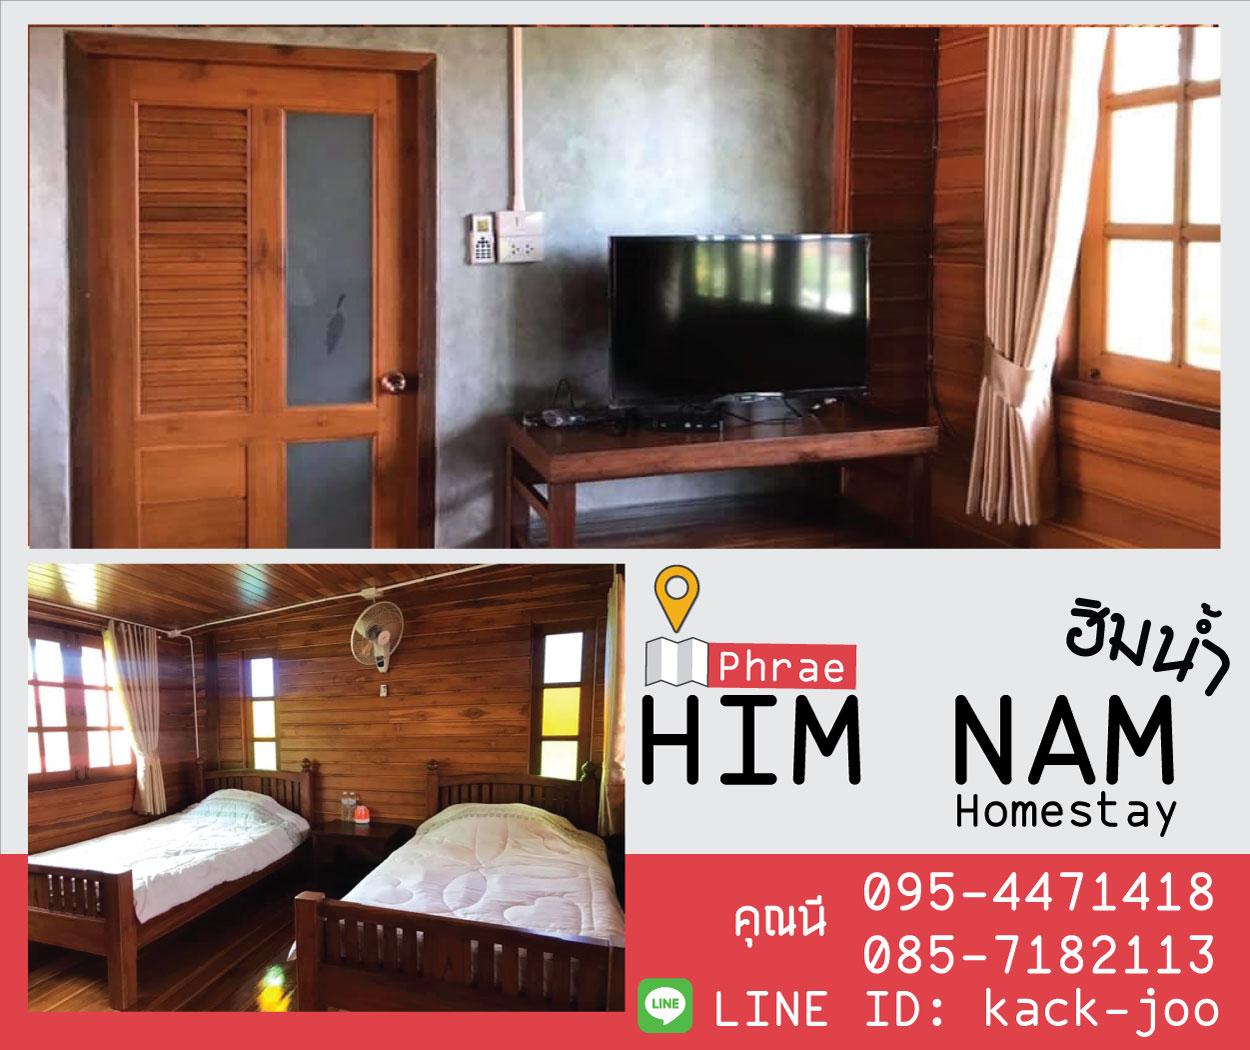 Him Nam Homestay Phrae (Homestays_Banner750x300)